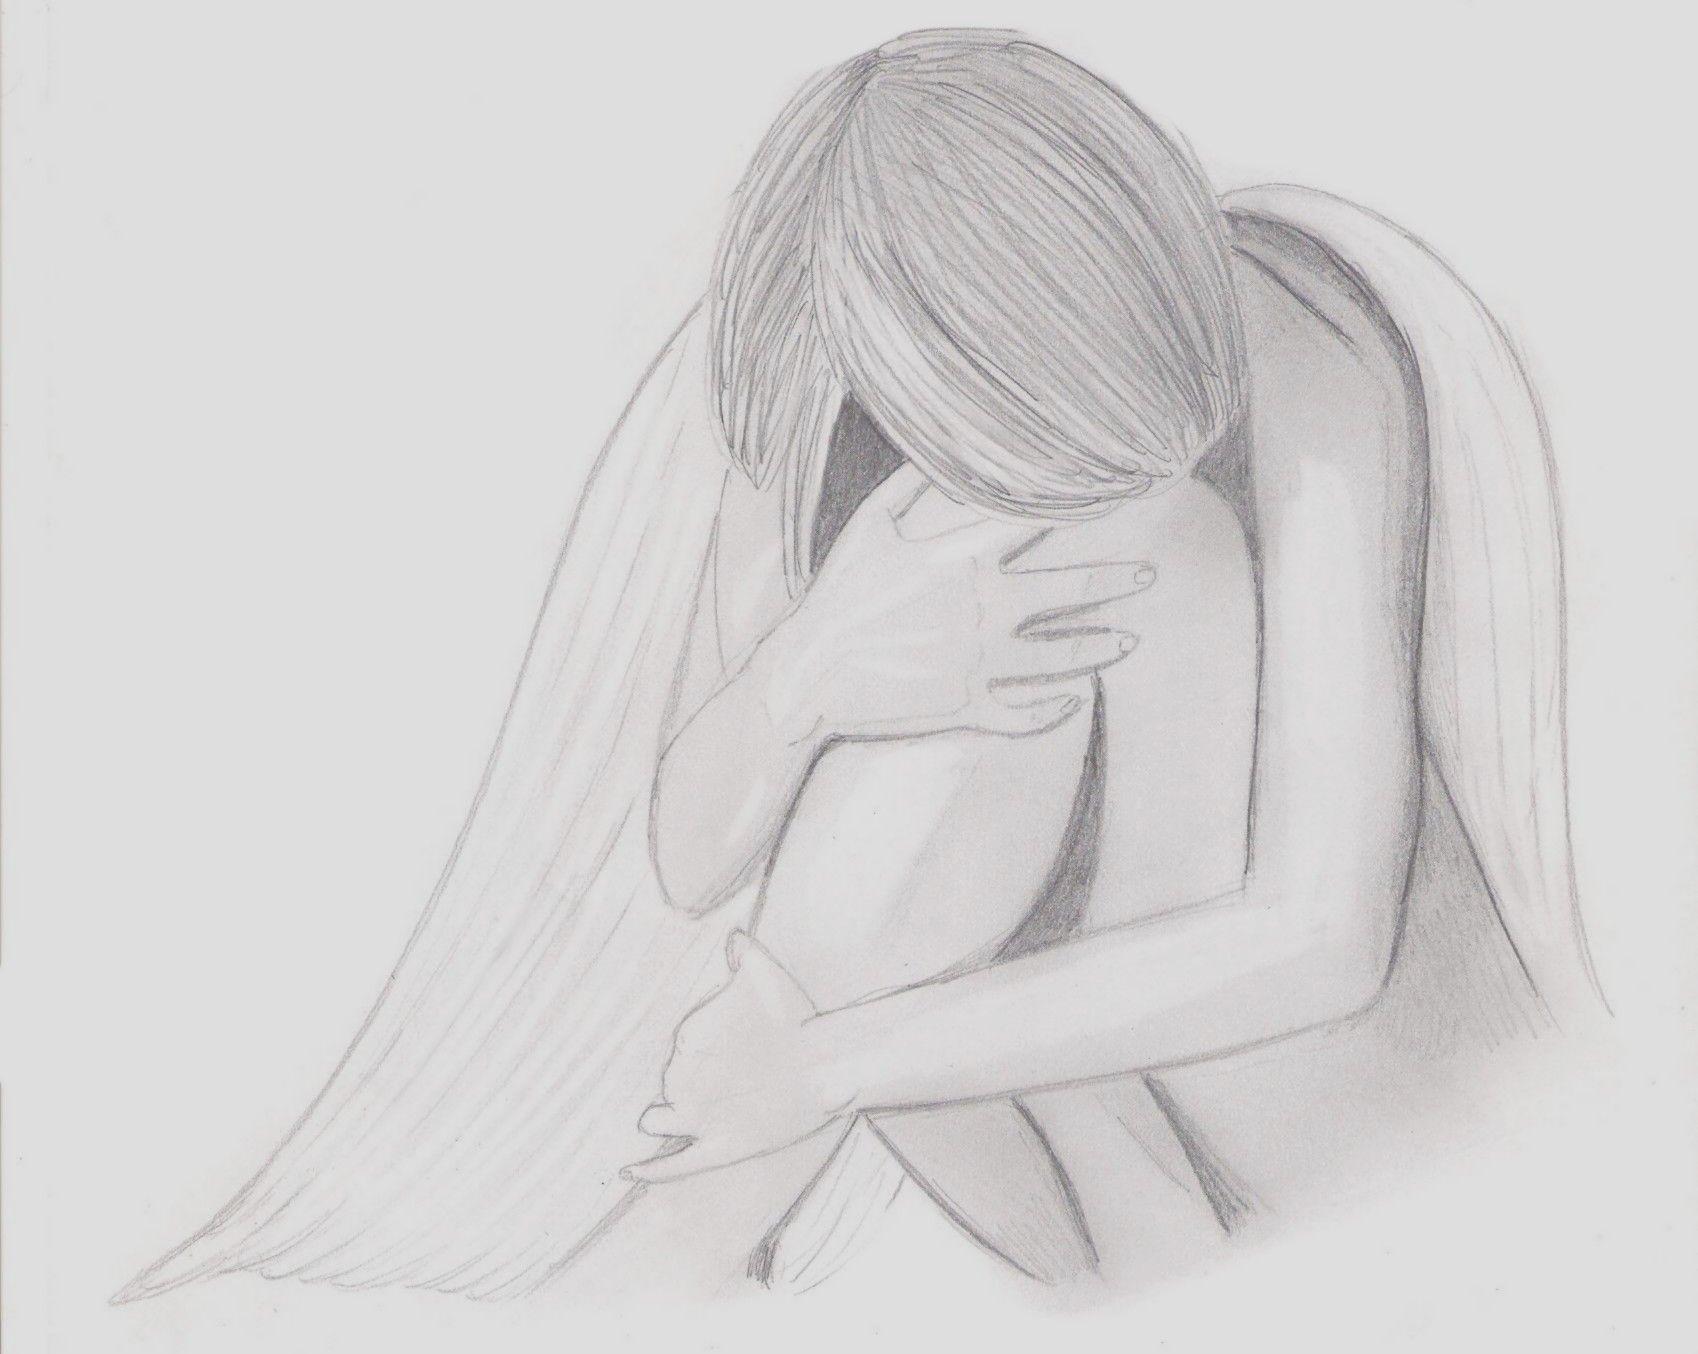 Dessin ange triste galerie bb dessin dessin ange et ange triste - Dessins triste ...